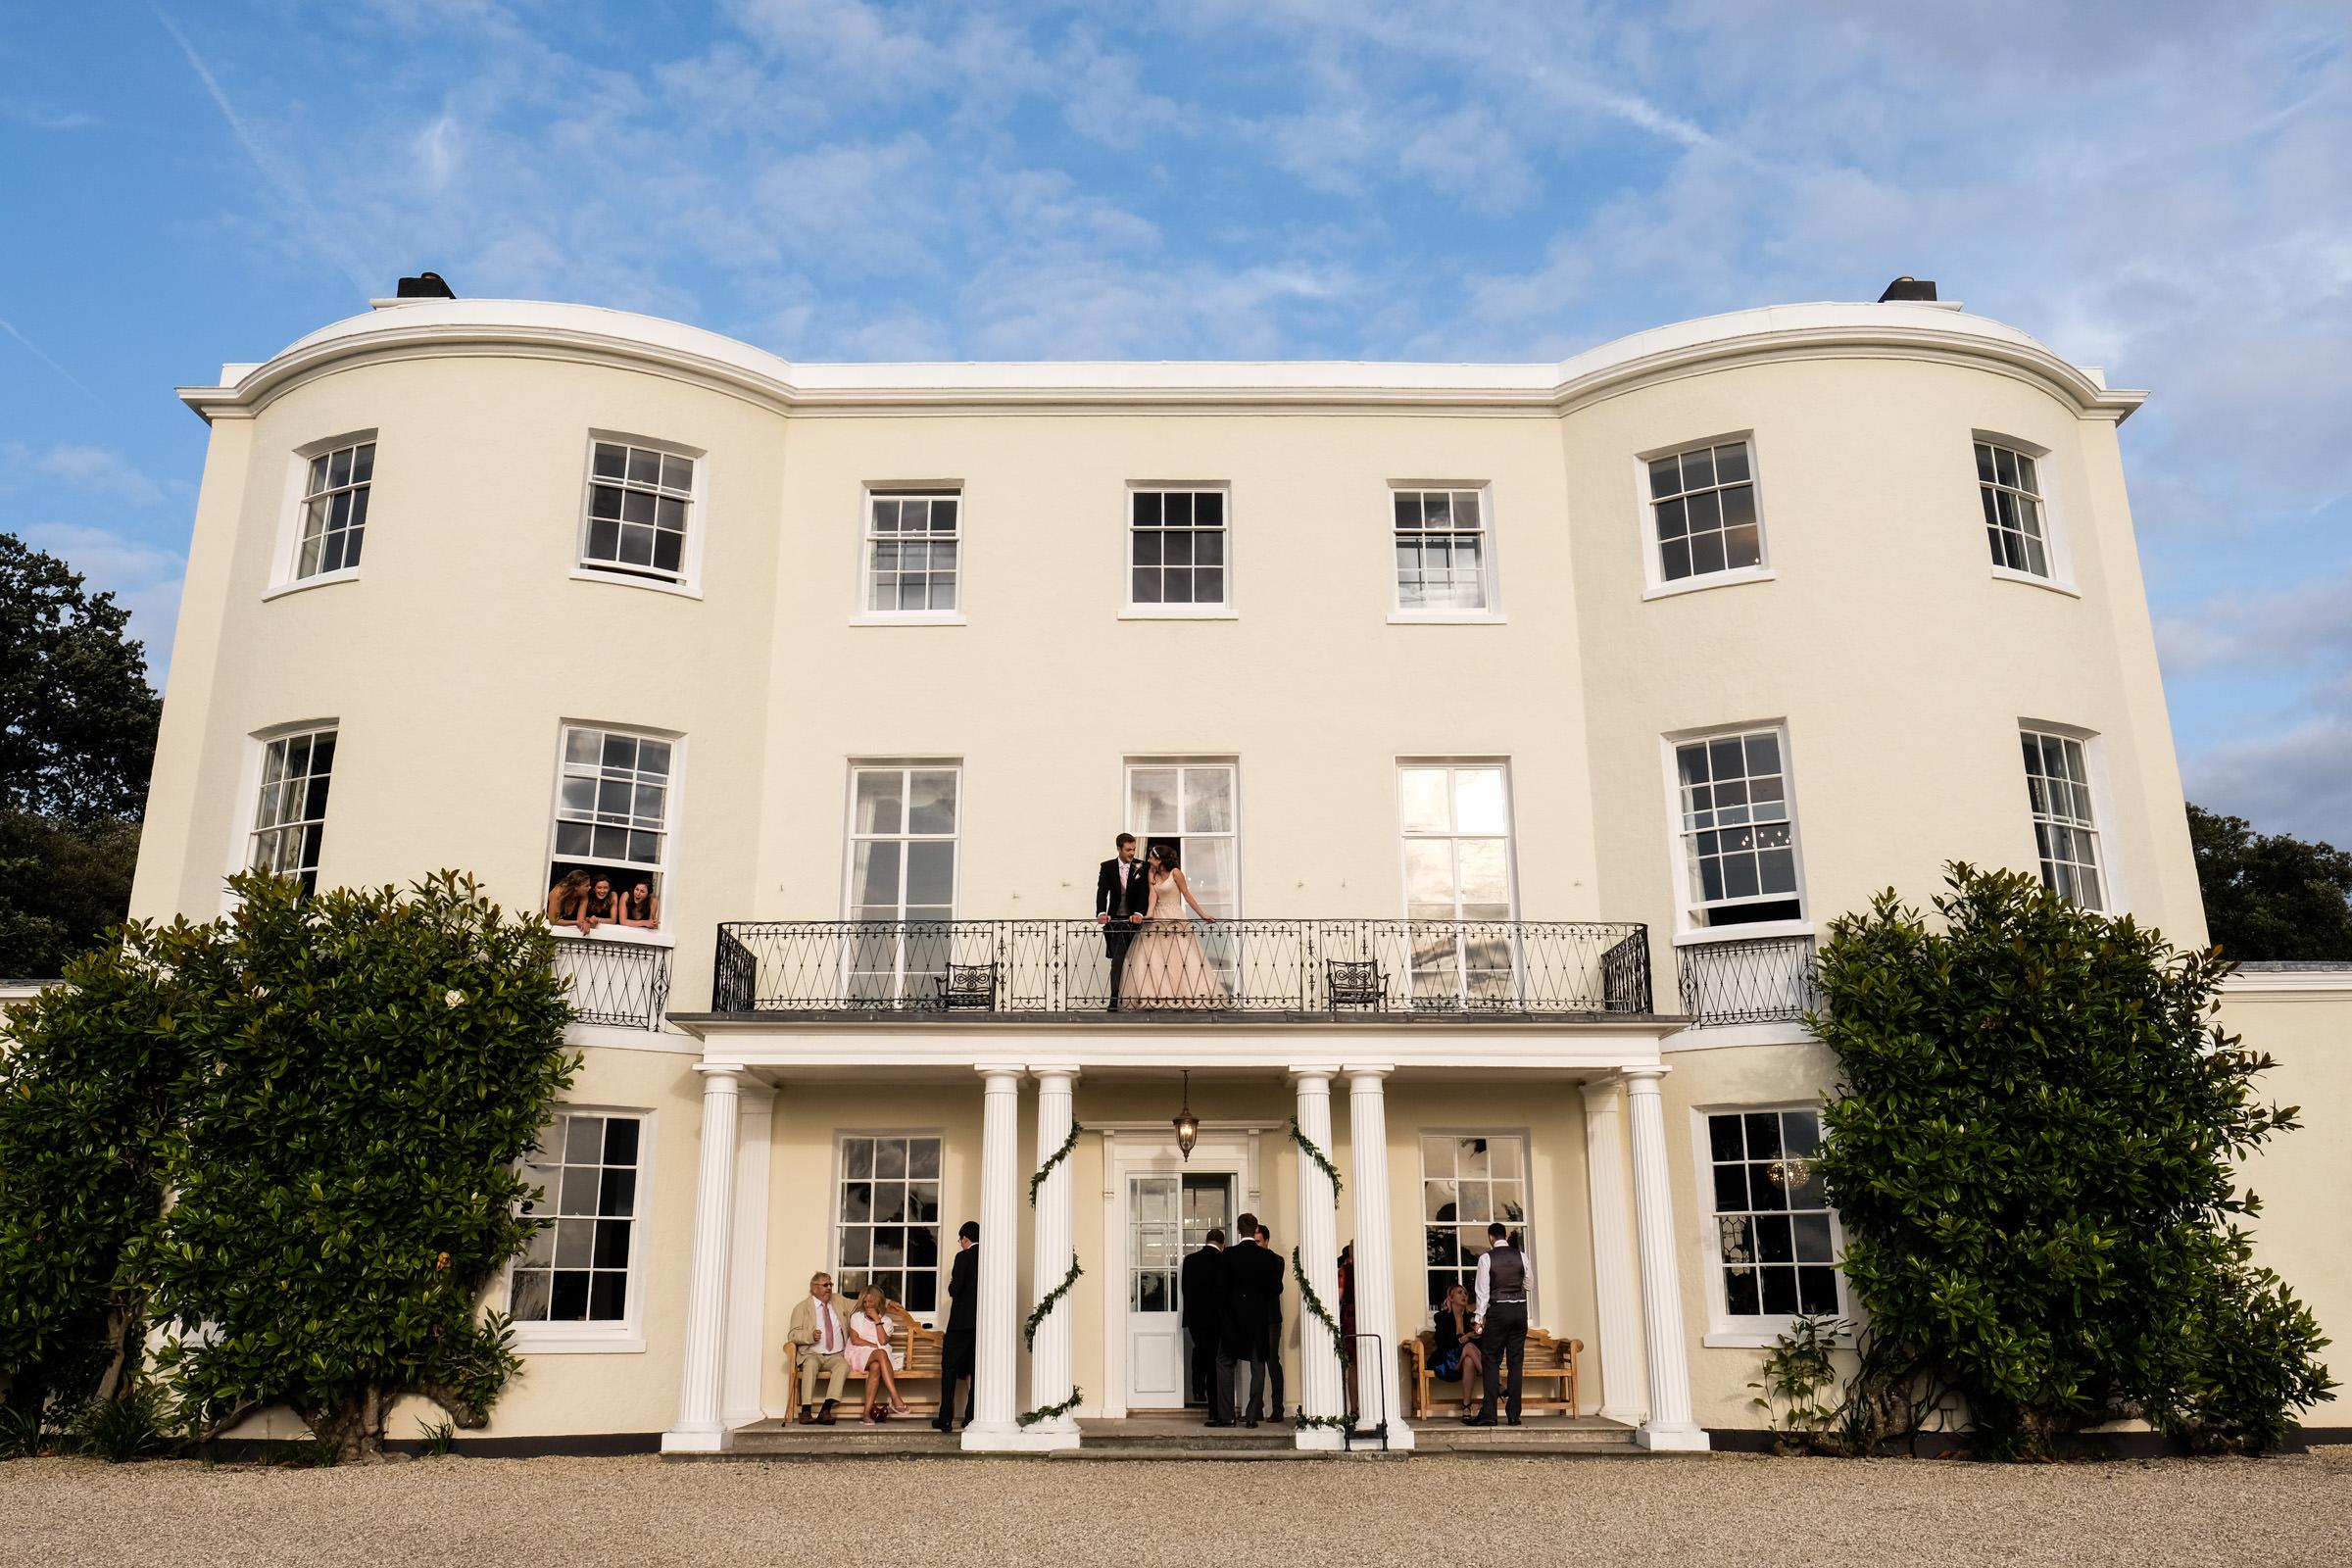 Rockbeare+Manor+Wedding+Photos+Devon+029.jpg